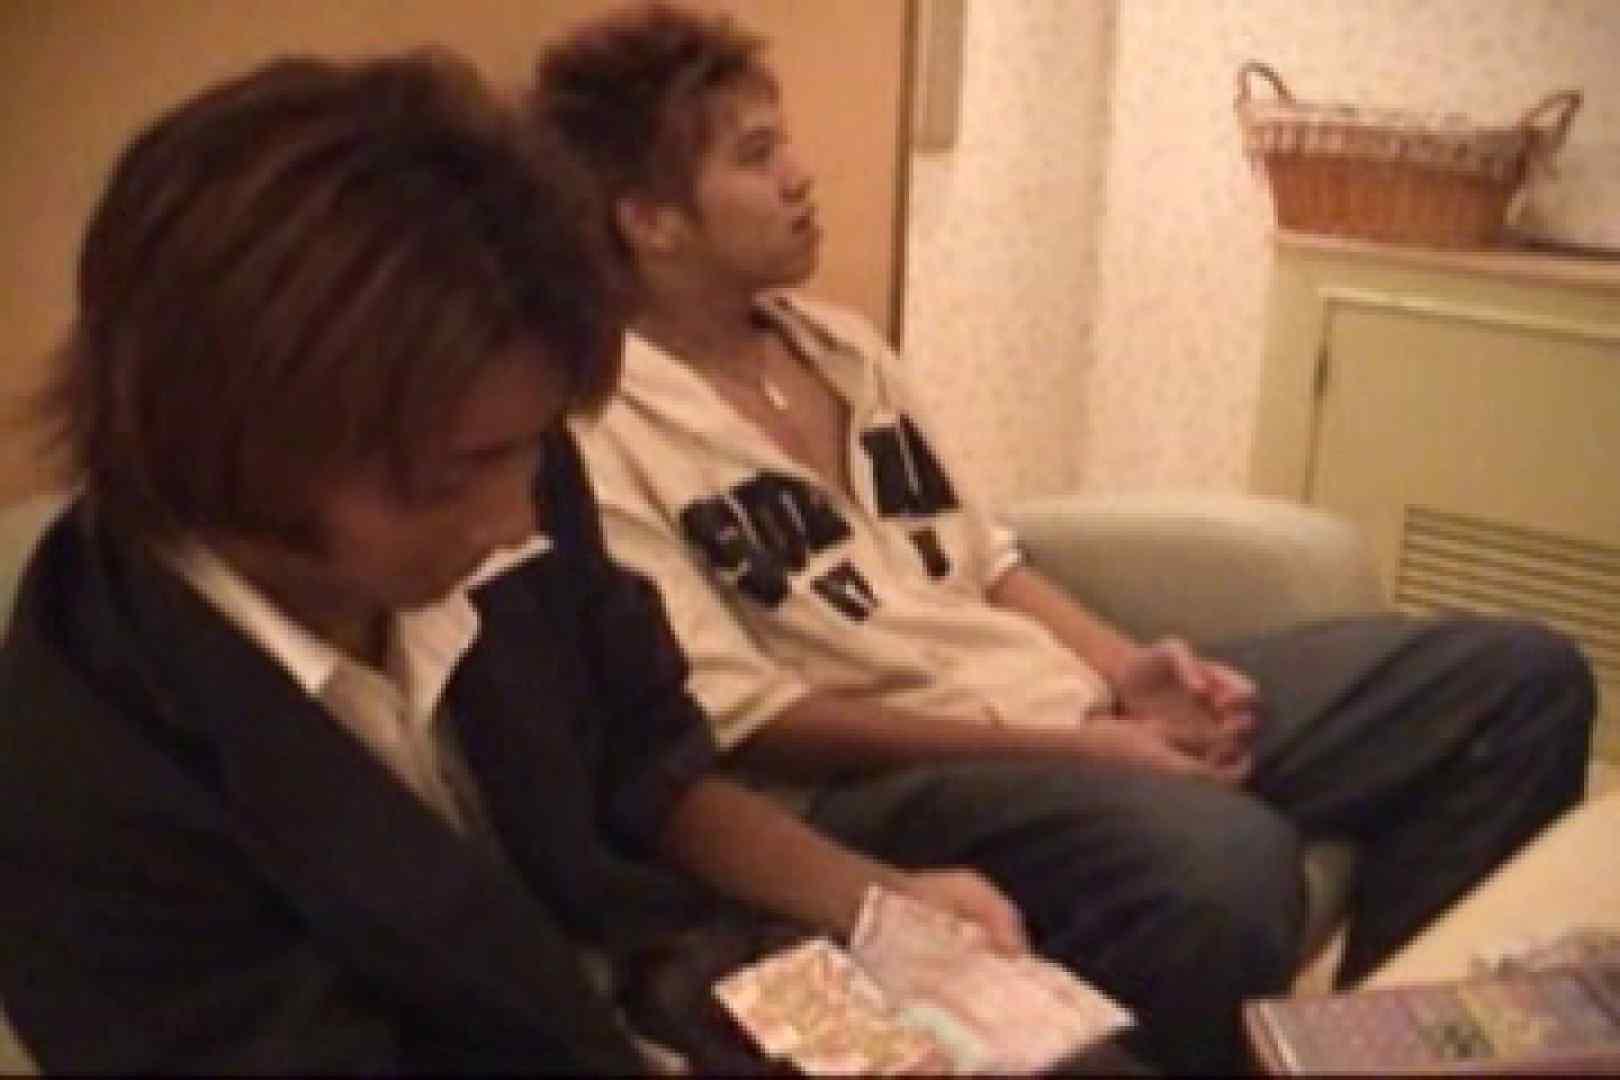 【流出】ジャニ系イケメン!!フライング&アナルが痛くて出来ません!! 攻め | 流出  8枚 4